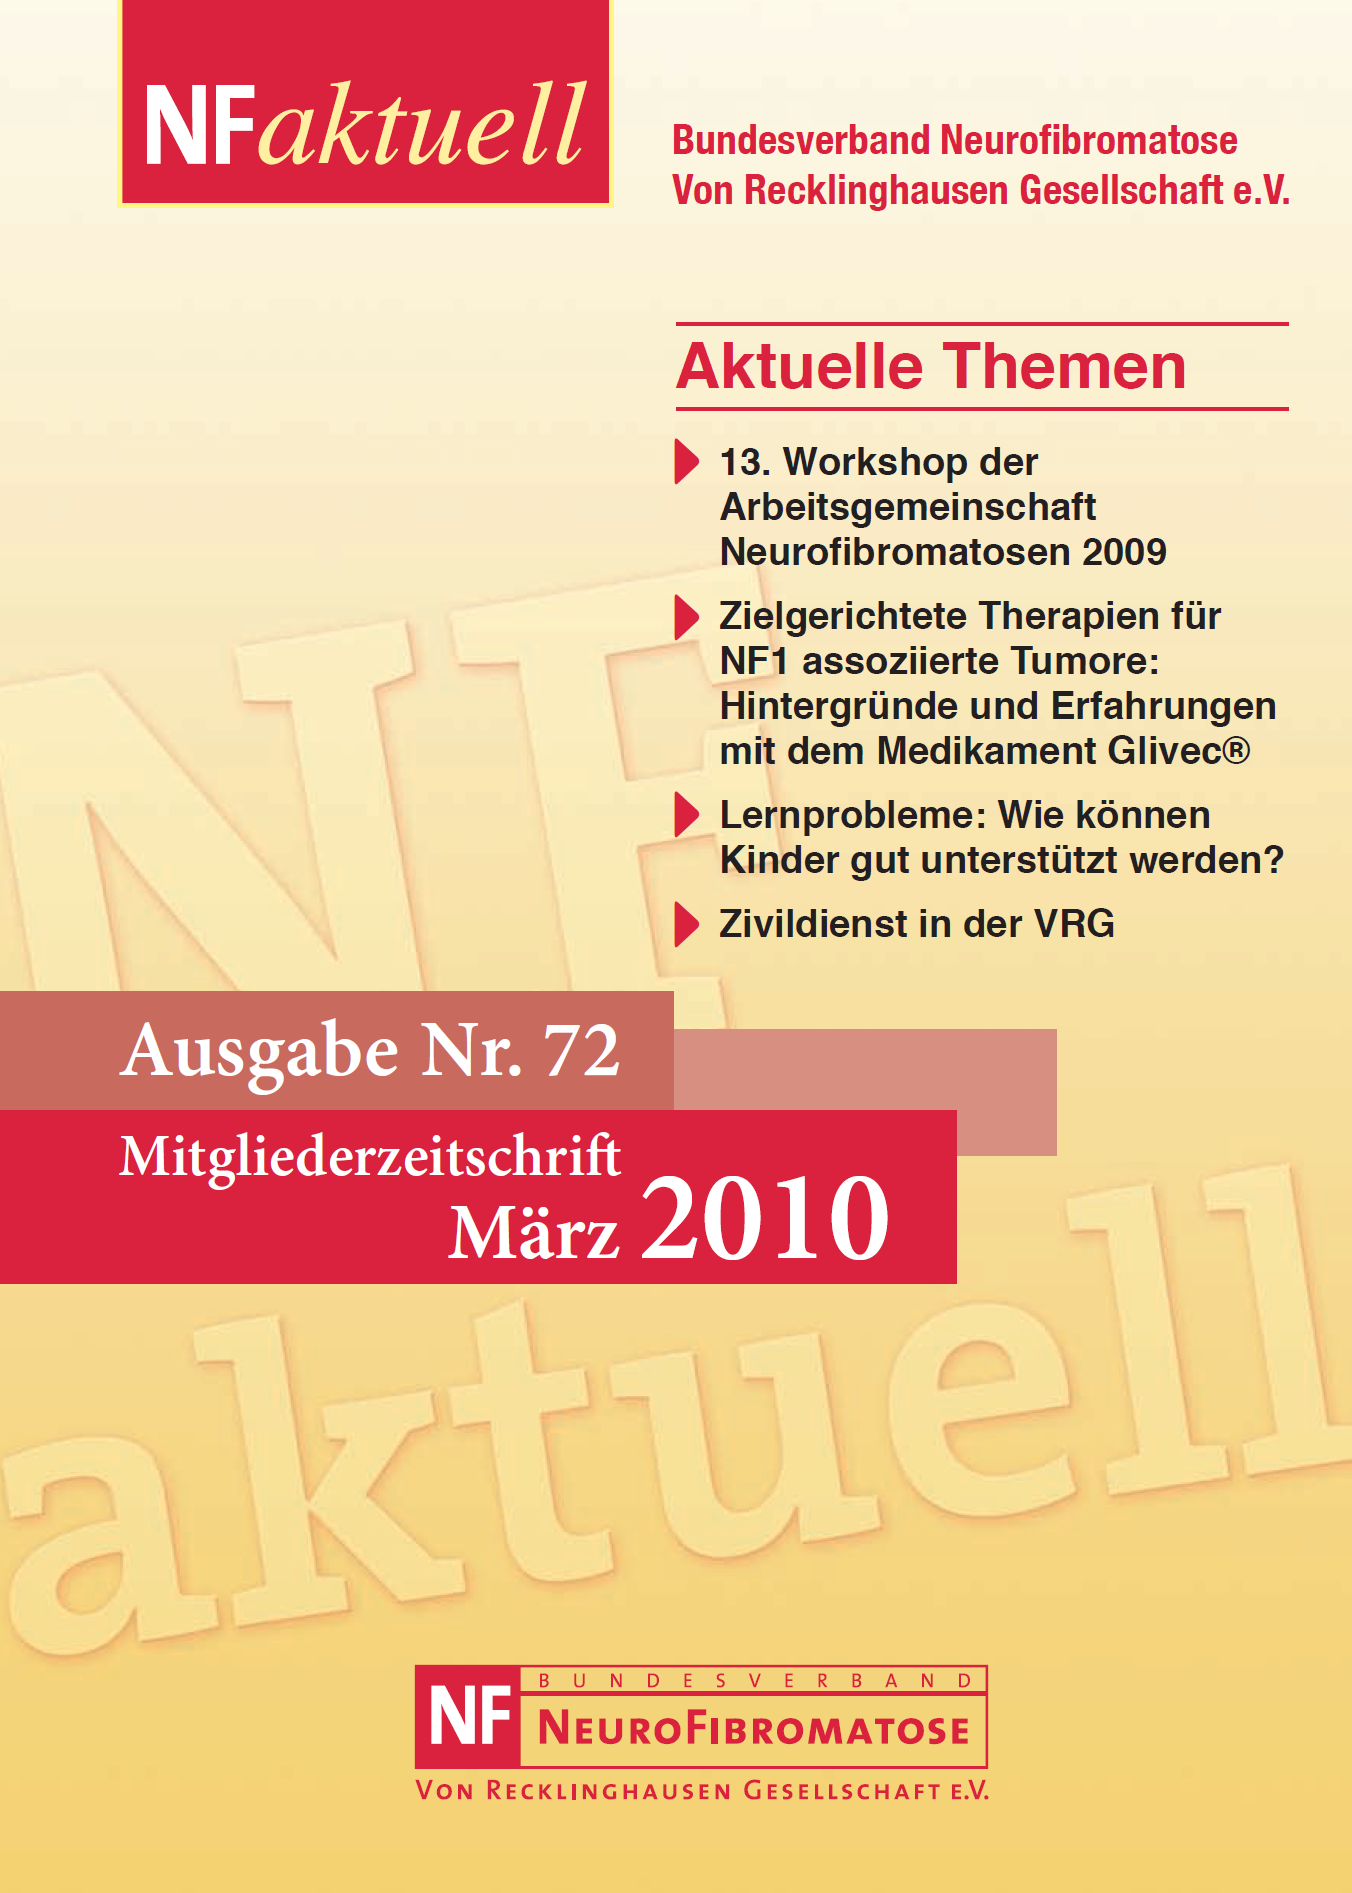 NFaktuell-72-maerz-2010-titel